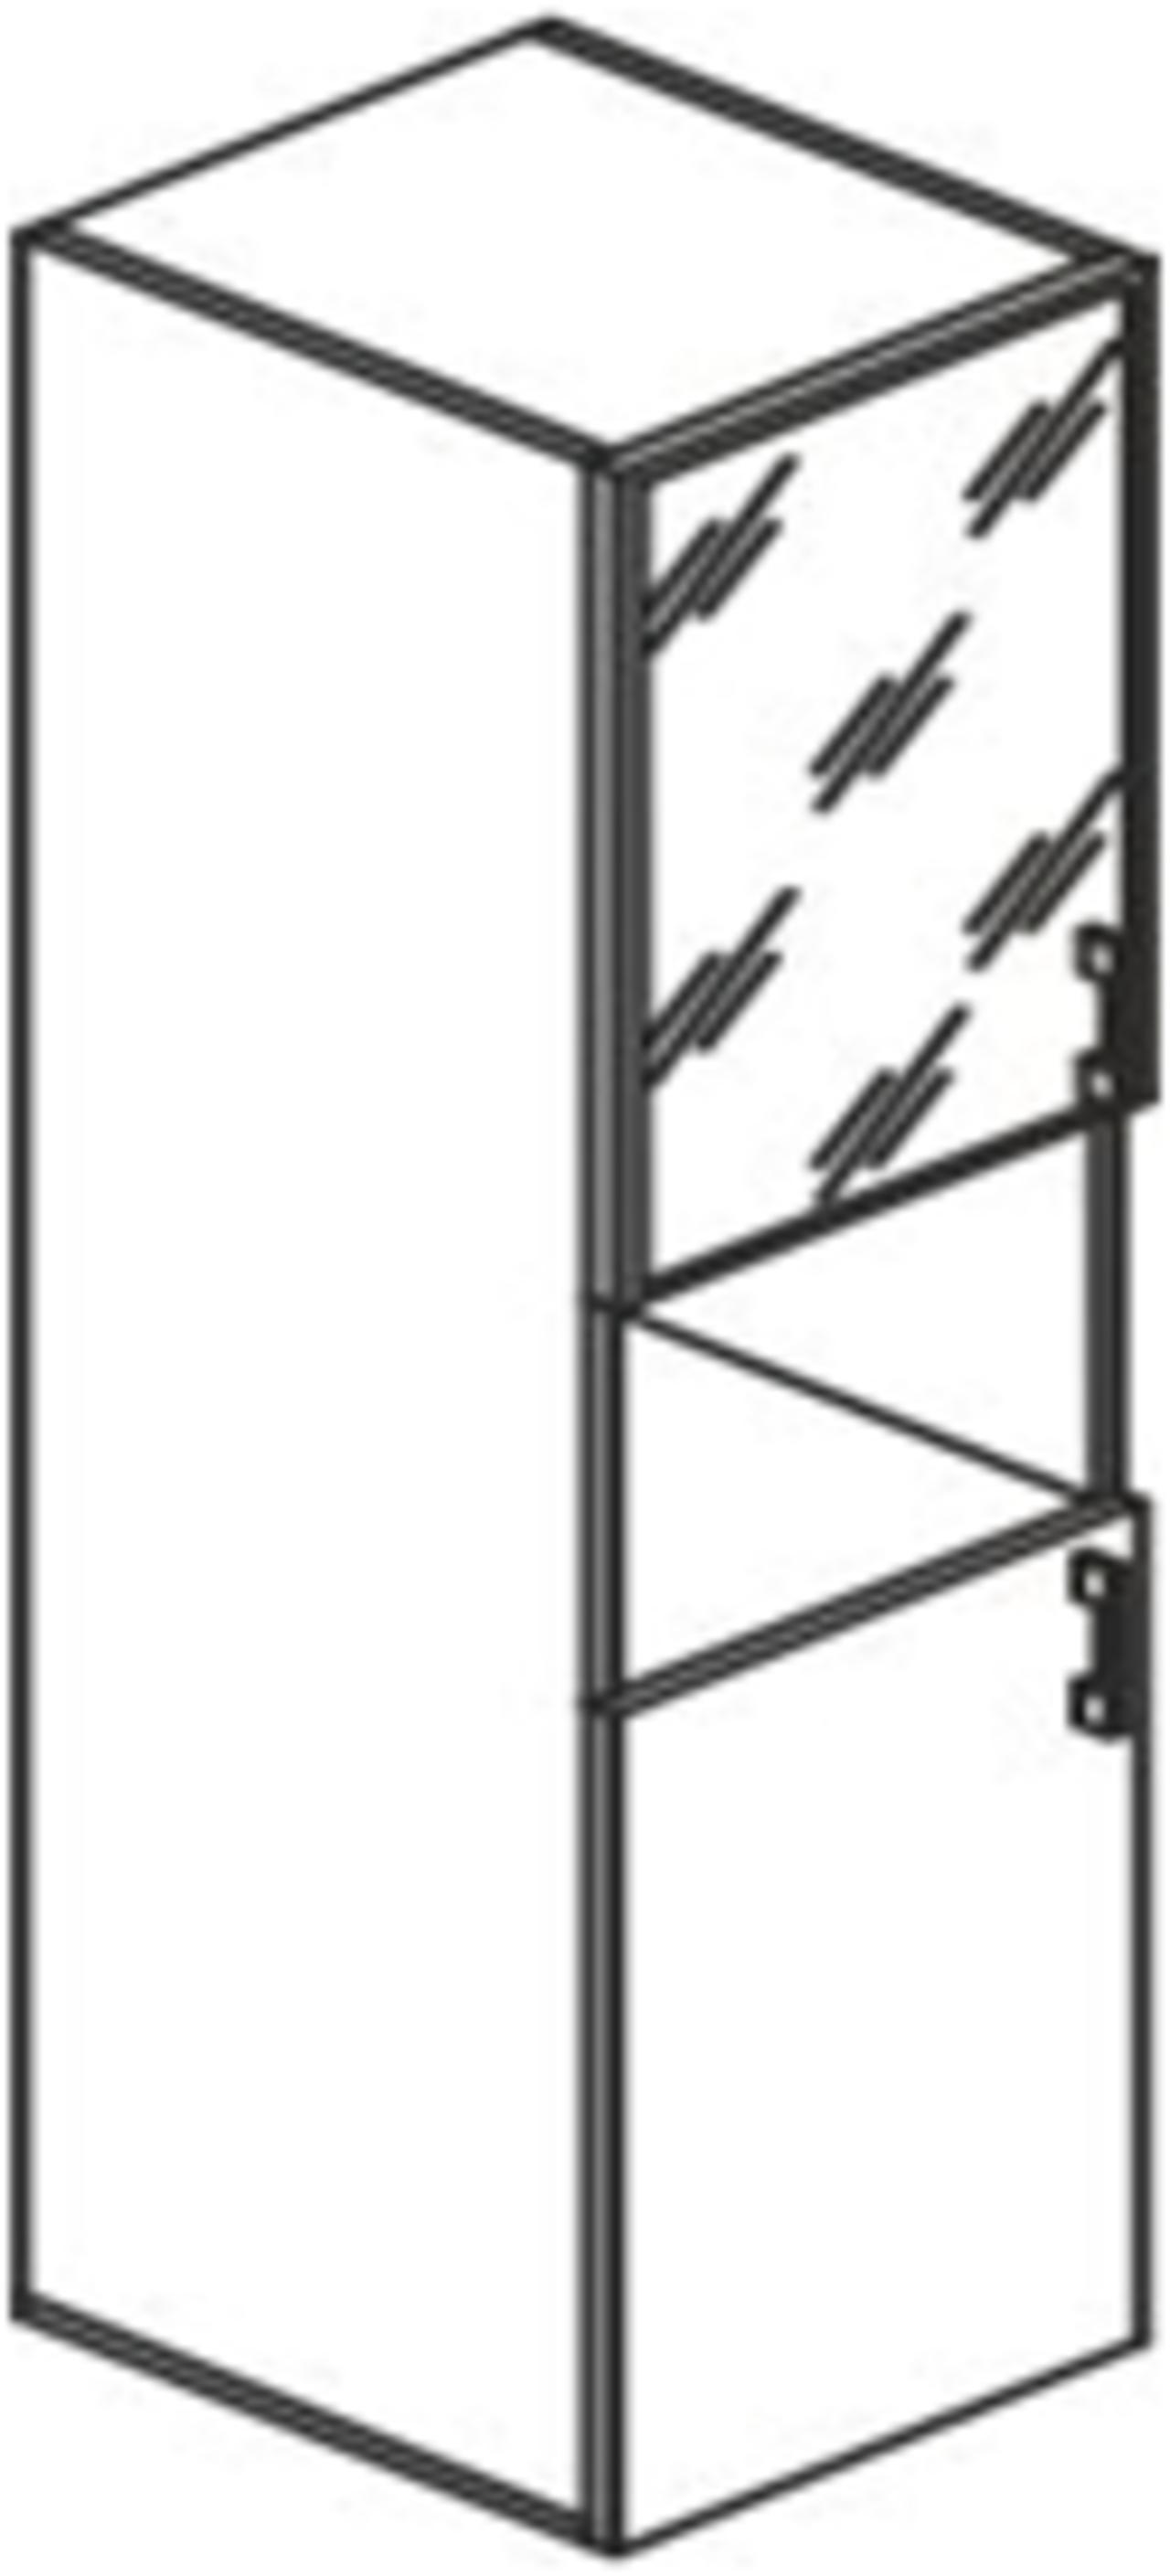 Стеллаж высокий узкий - фото 2